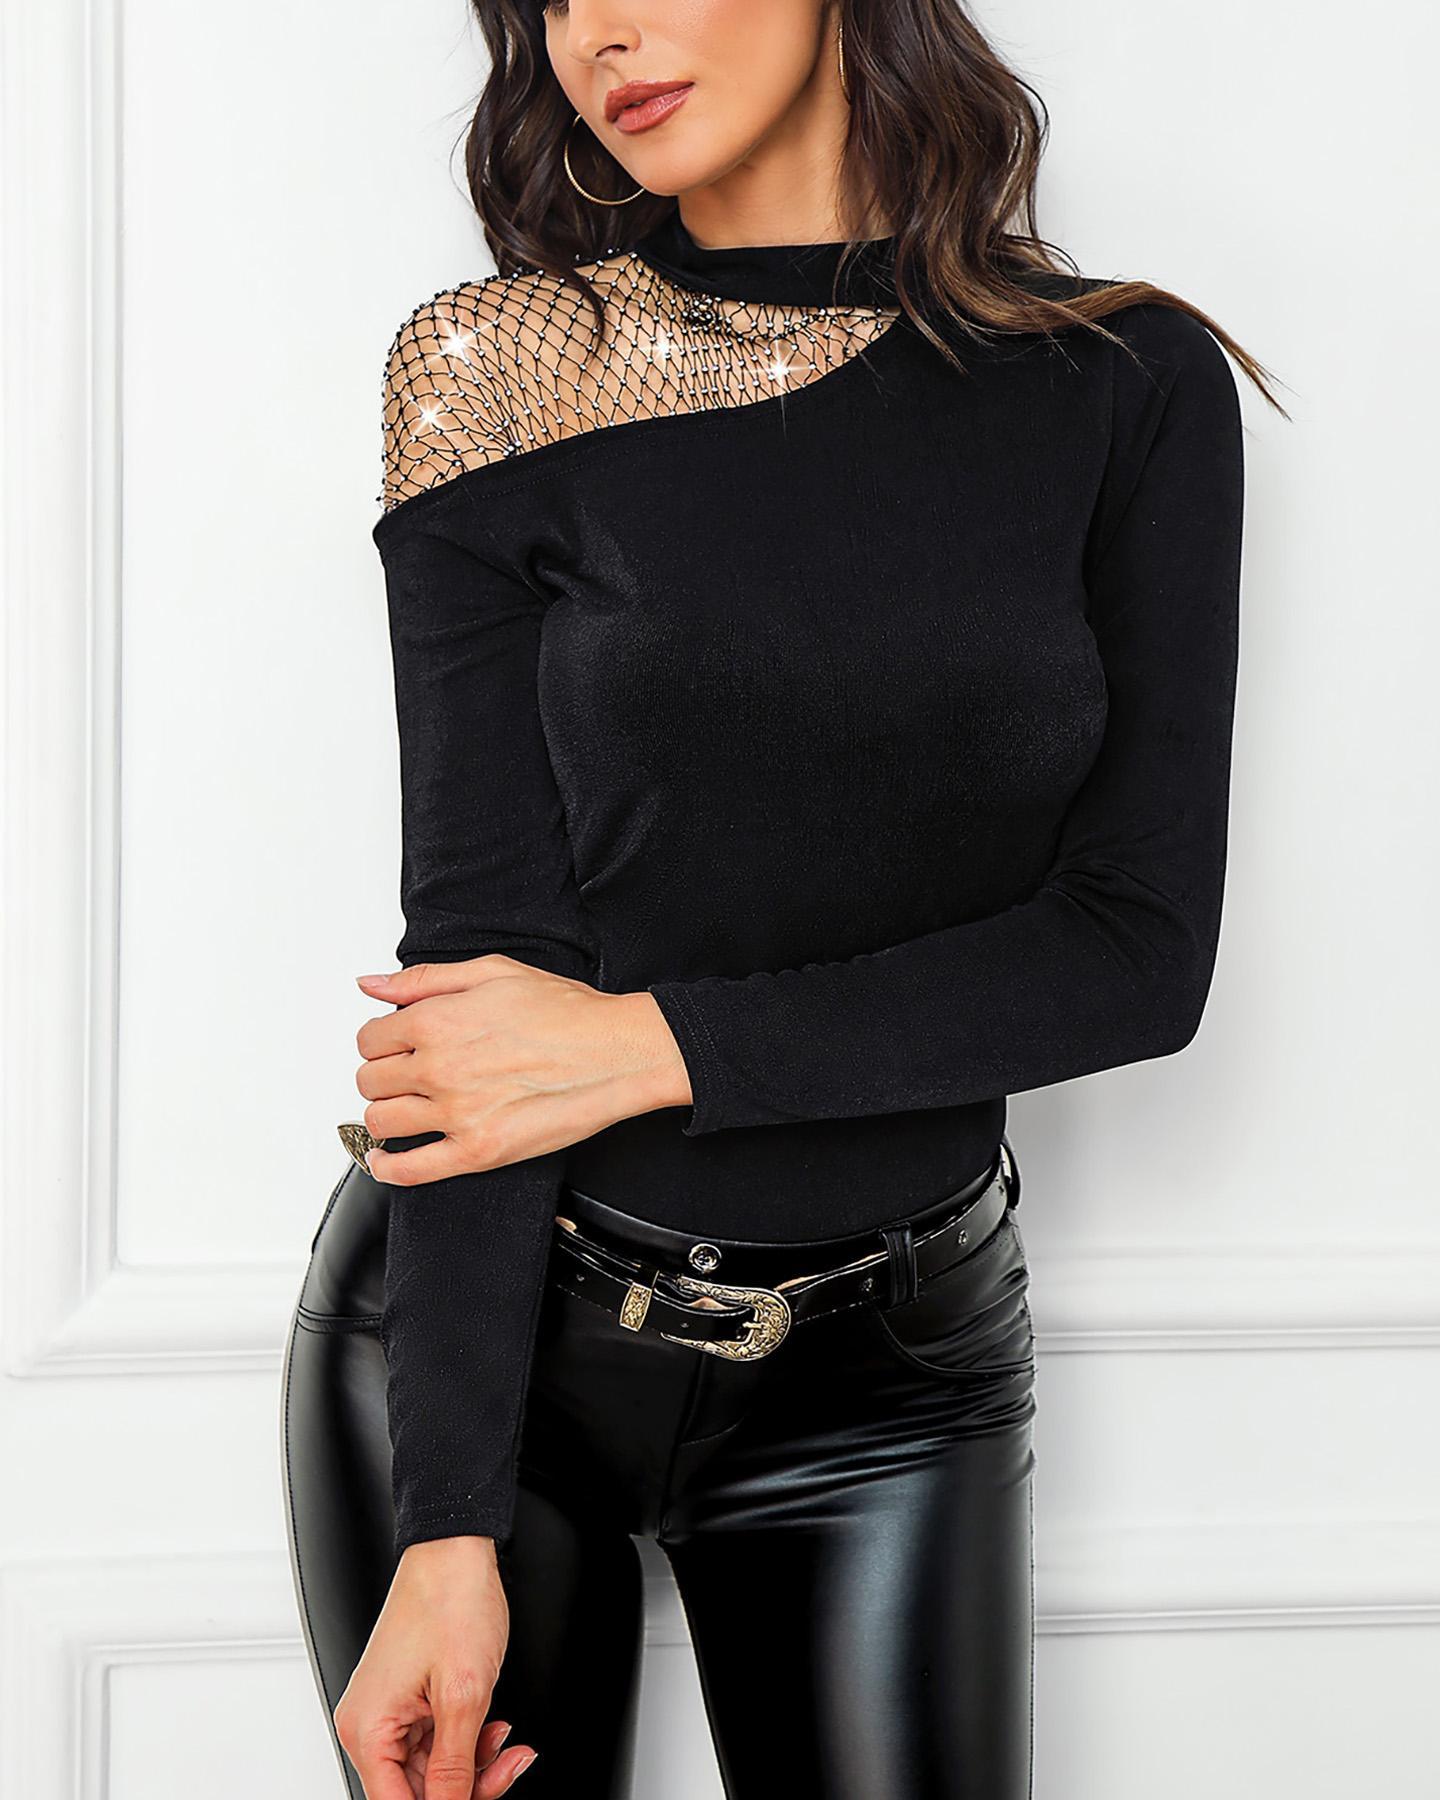 boutiquefeel / Blusa de malla con tachuelas y hombros fríos